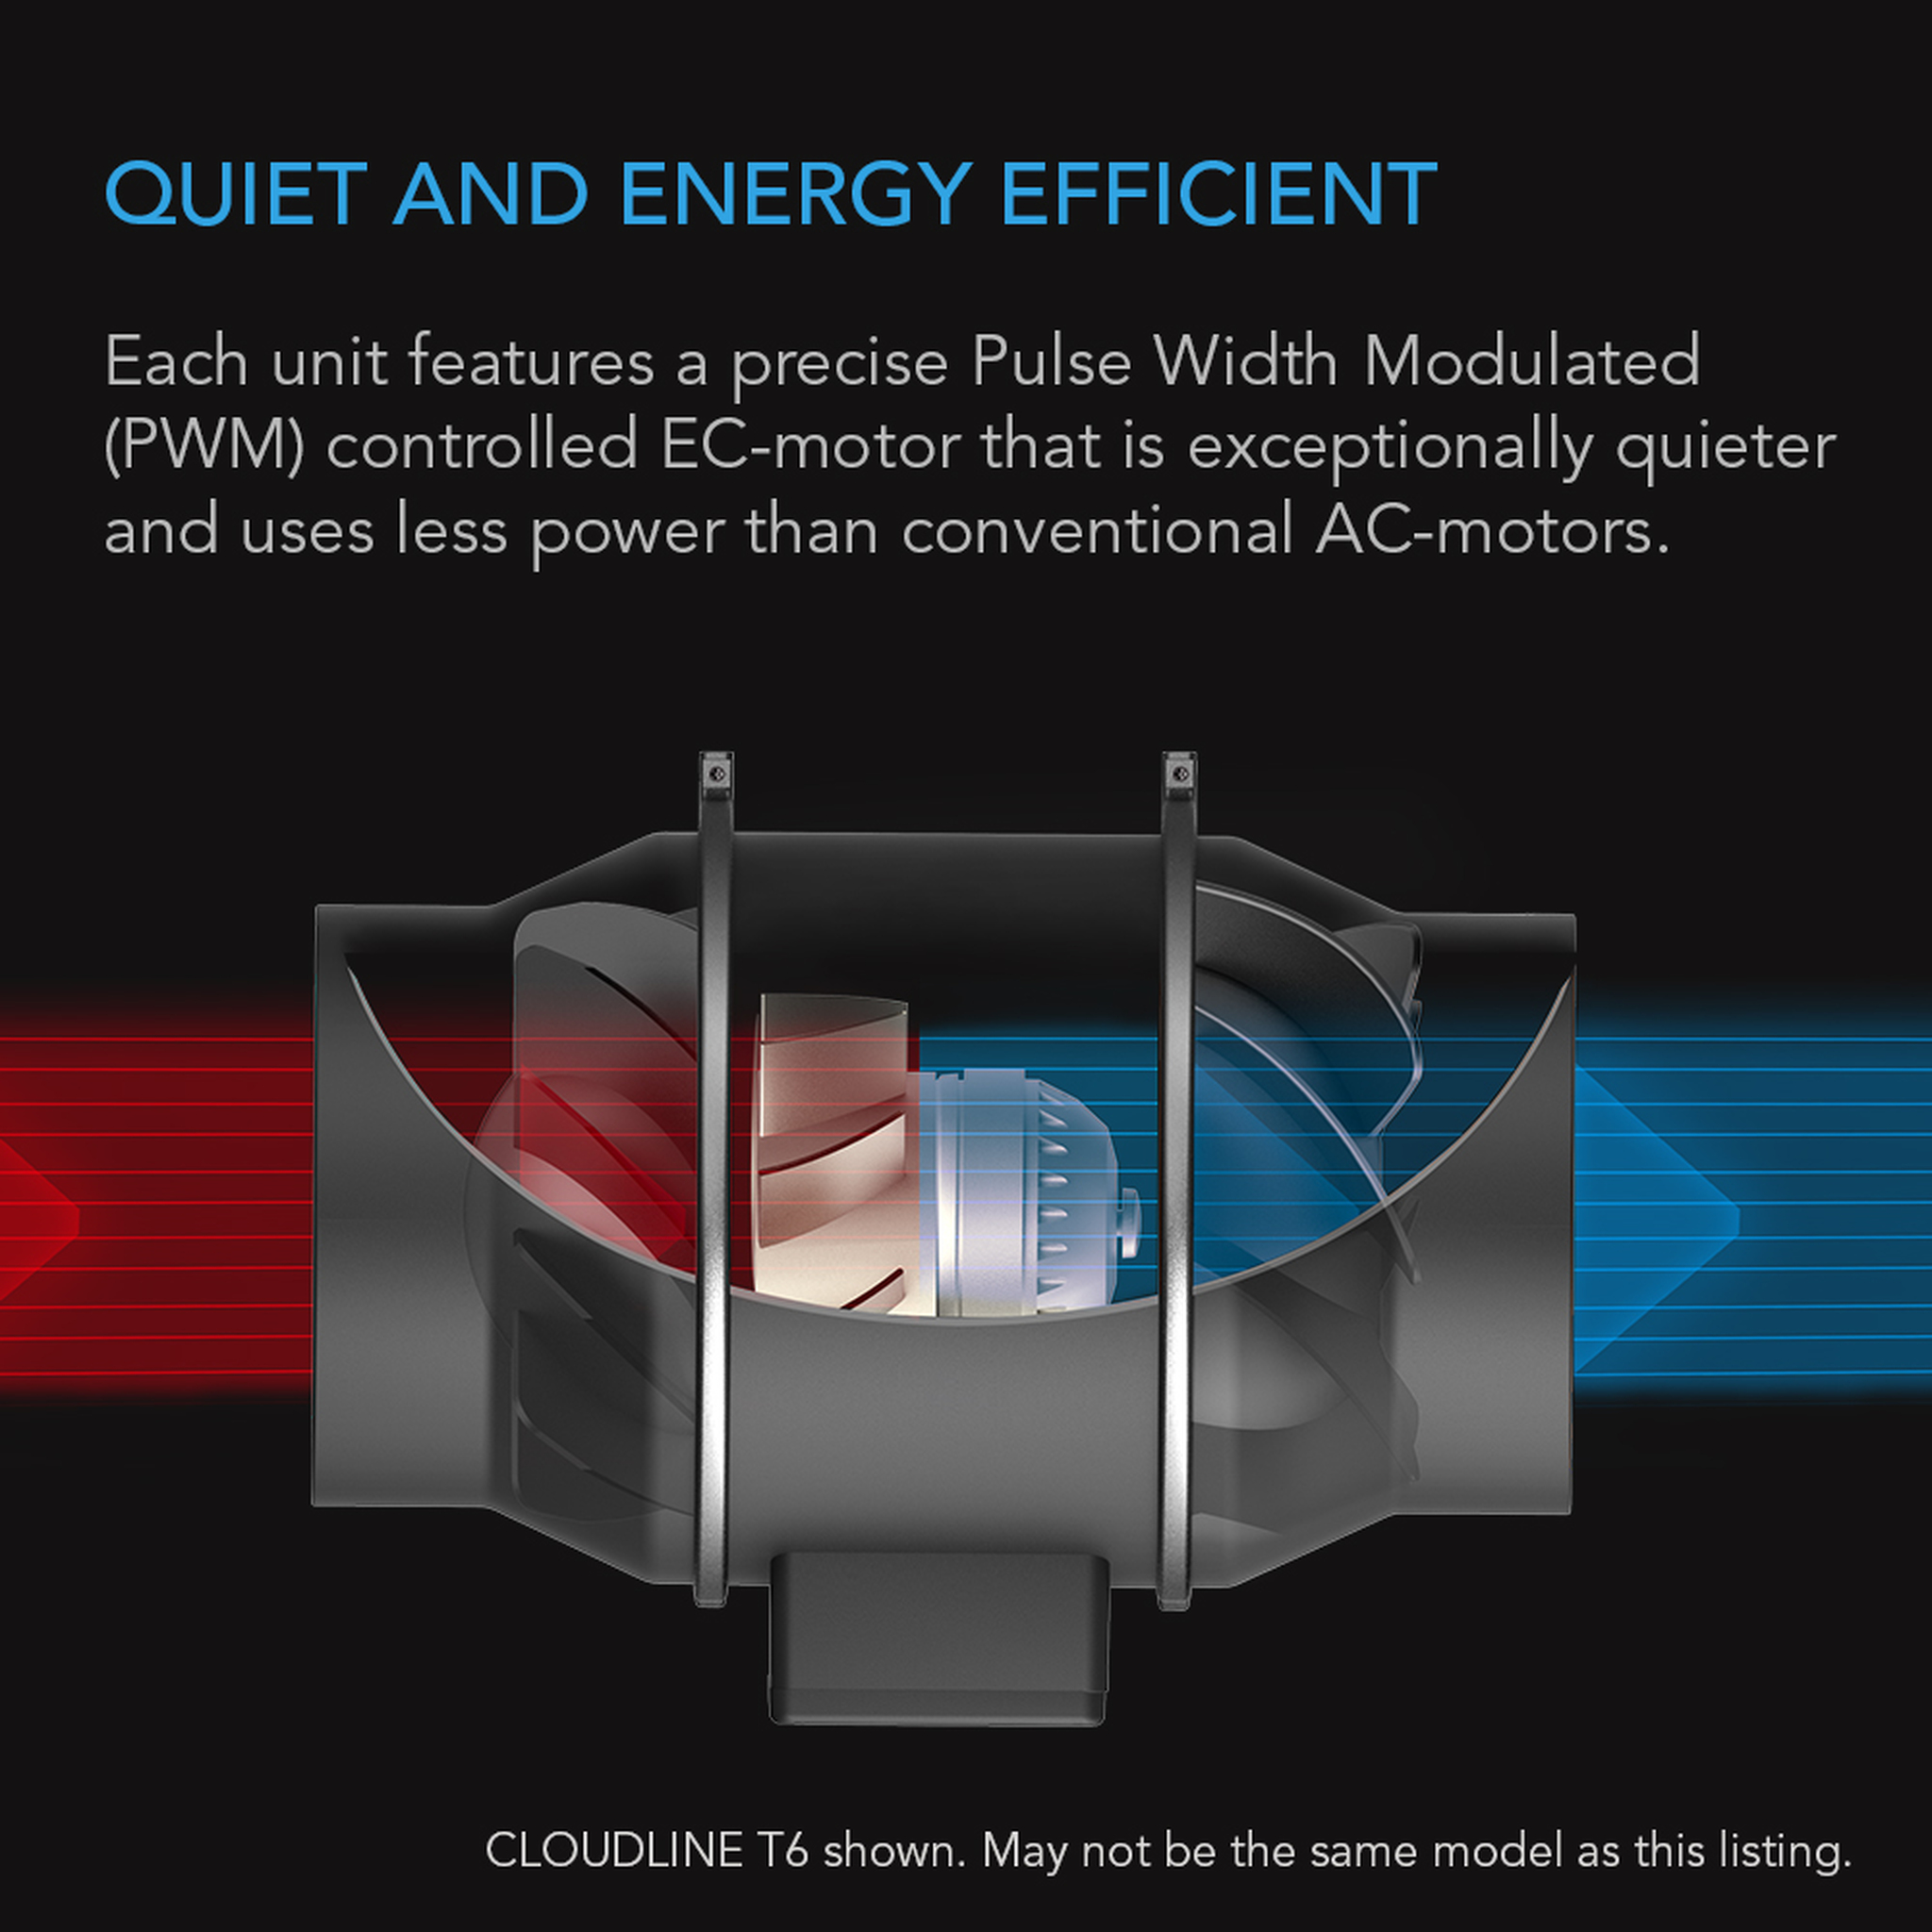 Quiet and Energy Efficient Design